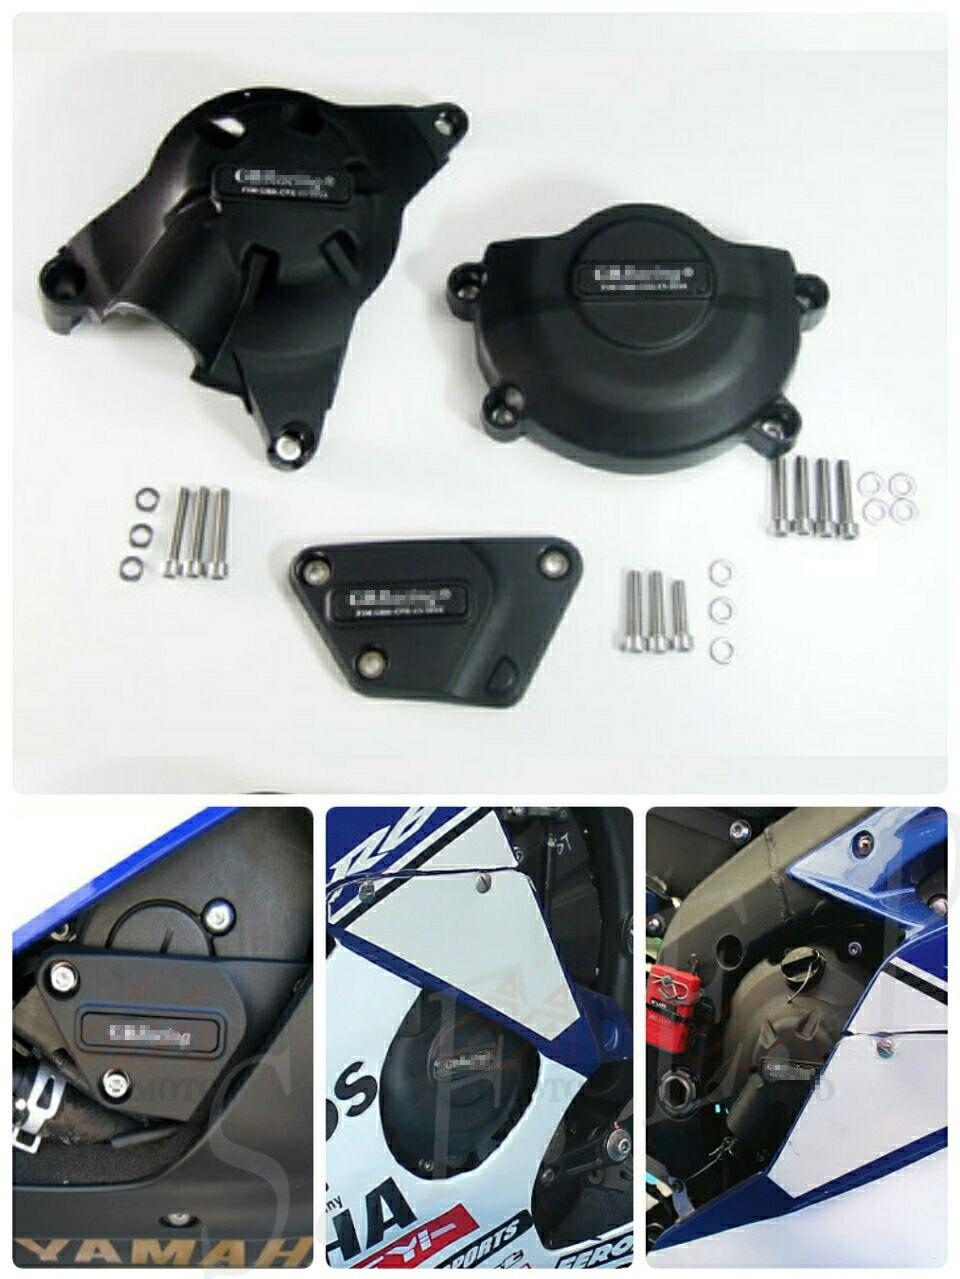 Housse de protection pour moteur moto GB Racing pour Yamaha YZF-R6 2006-07-08-09-10-11-12-13-14-15-16-17-2018-2019 noir